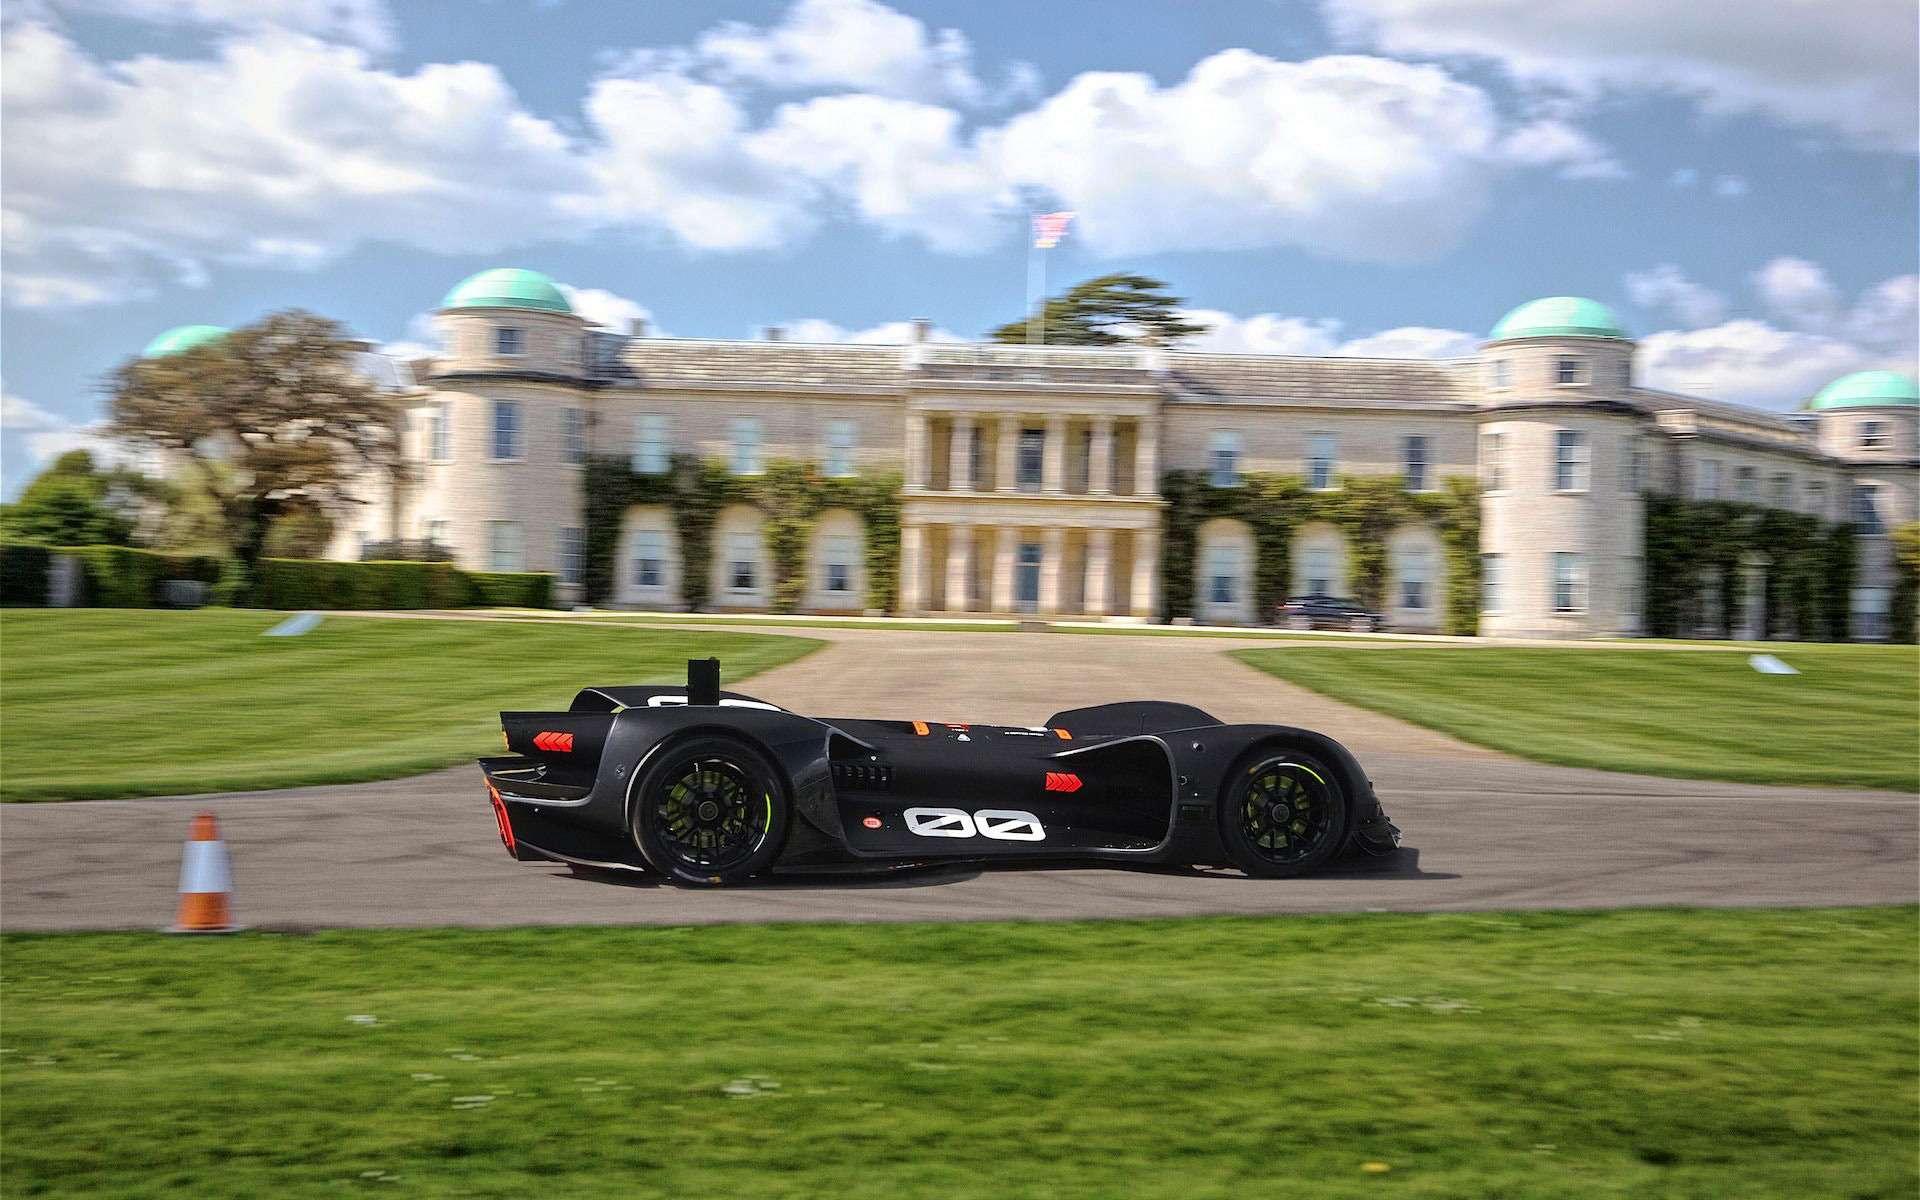 La version finale de la voiture de course autonome Roborace. © Roborace